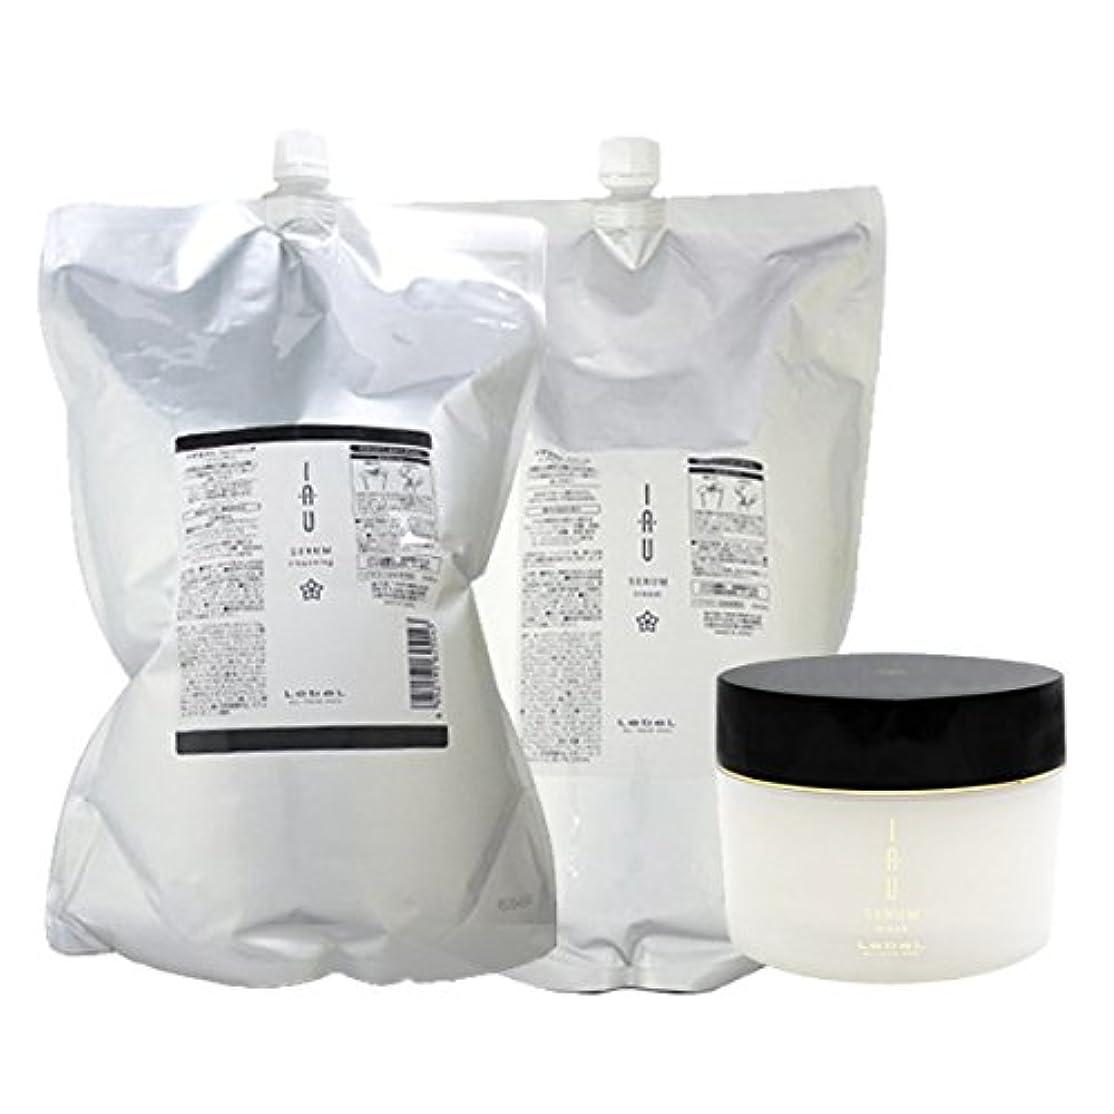 累計モトリーソケットルベル イオ セラム クレンジング(シャンプー) 2500mL + クリーム(トリートメント) 2500mL + マスク 170g 3点セット 詰め替え lebel iau serum